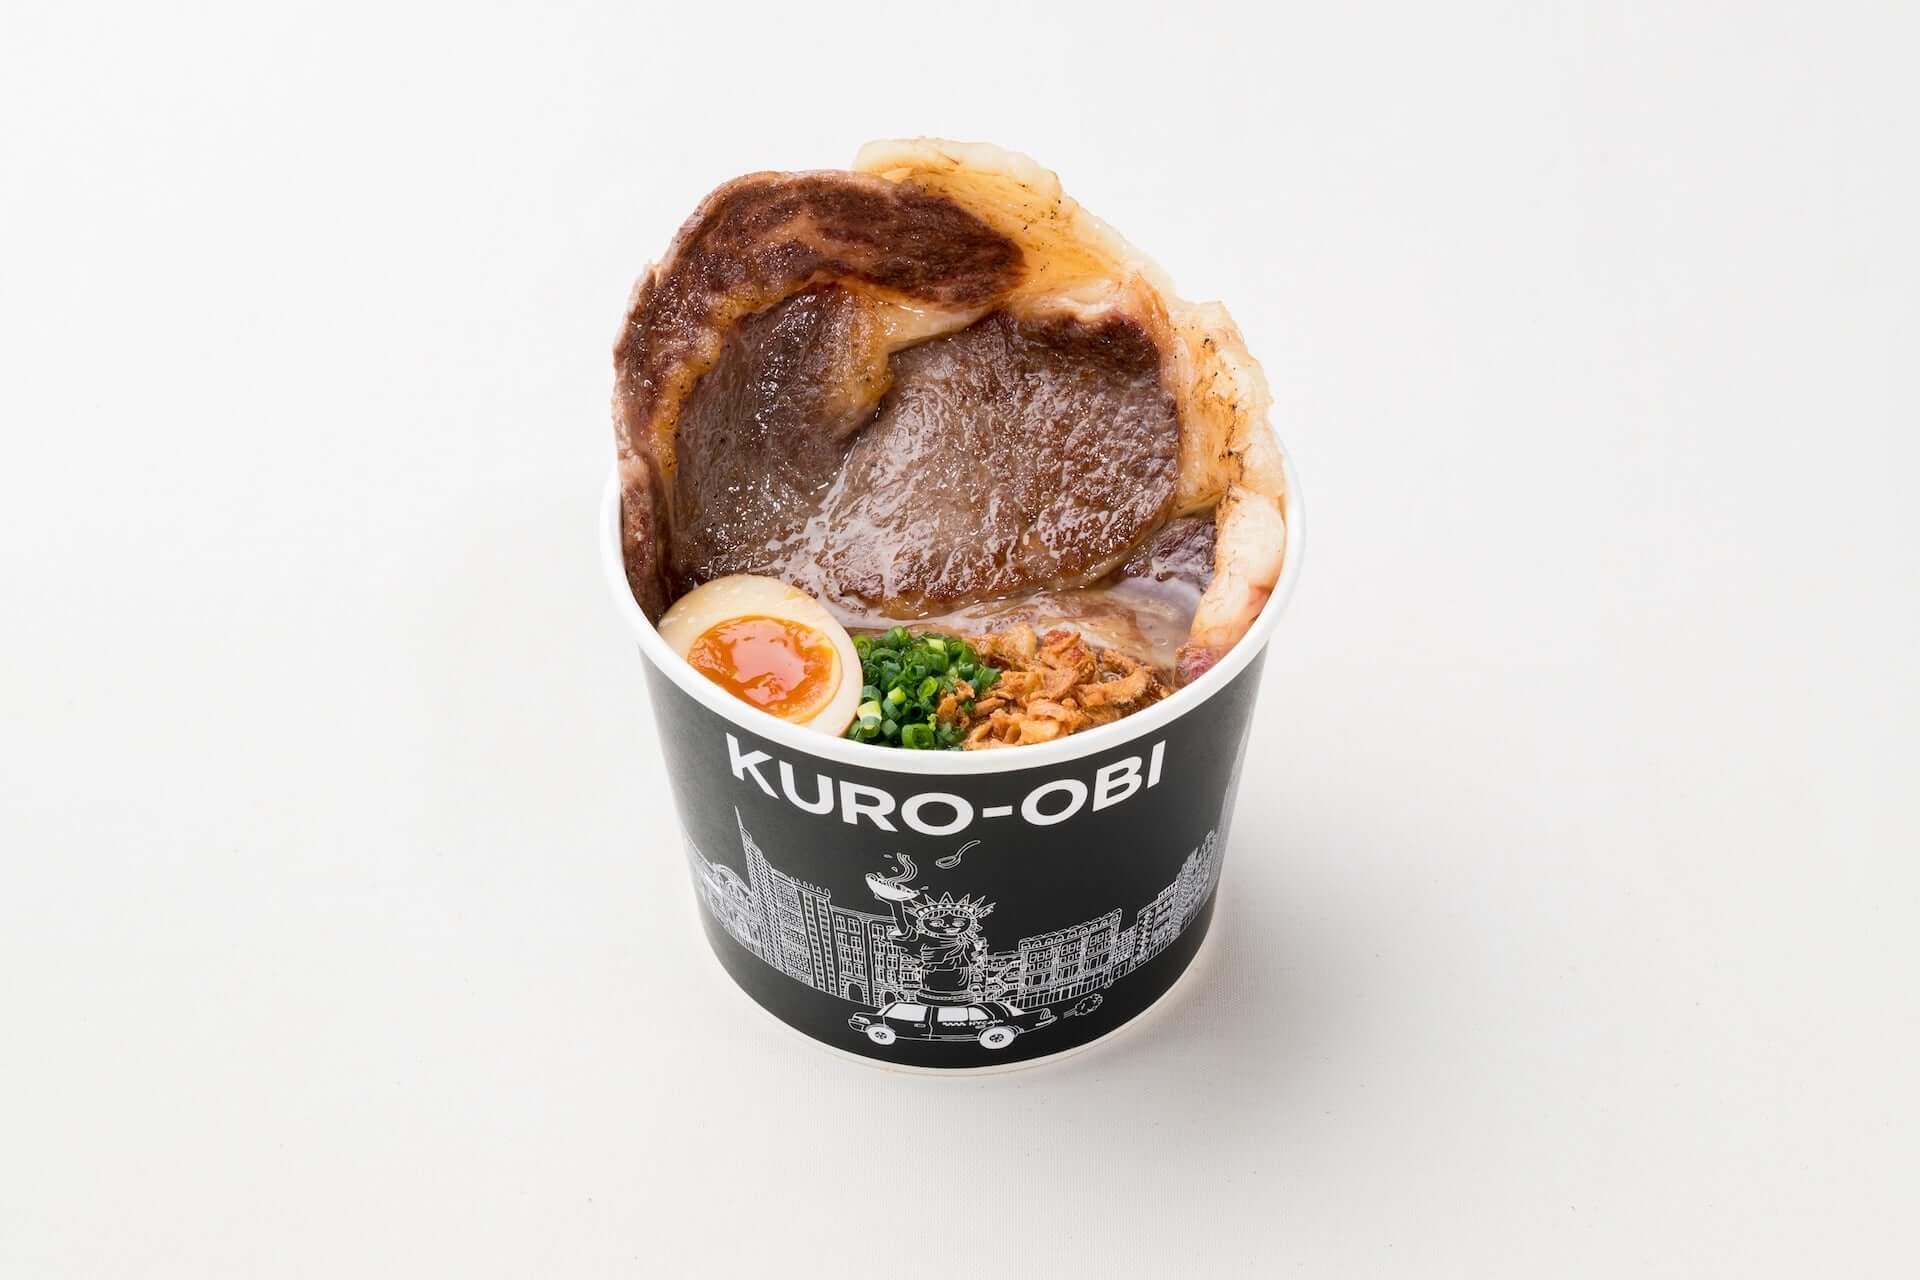 ベジタリアン向けや和牛ラーメンも!渋谷「RAYARD MIYASHITA PARK」にオープン予定のNY発祥ラーメンブランド「黒帯」のメニューが解禁 gourmet200722_kuroobi_2-1920x1280